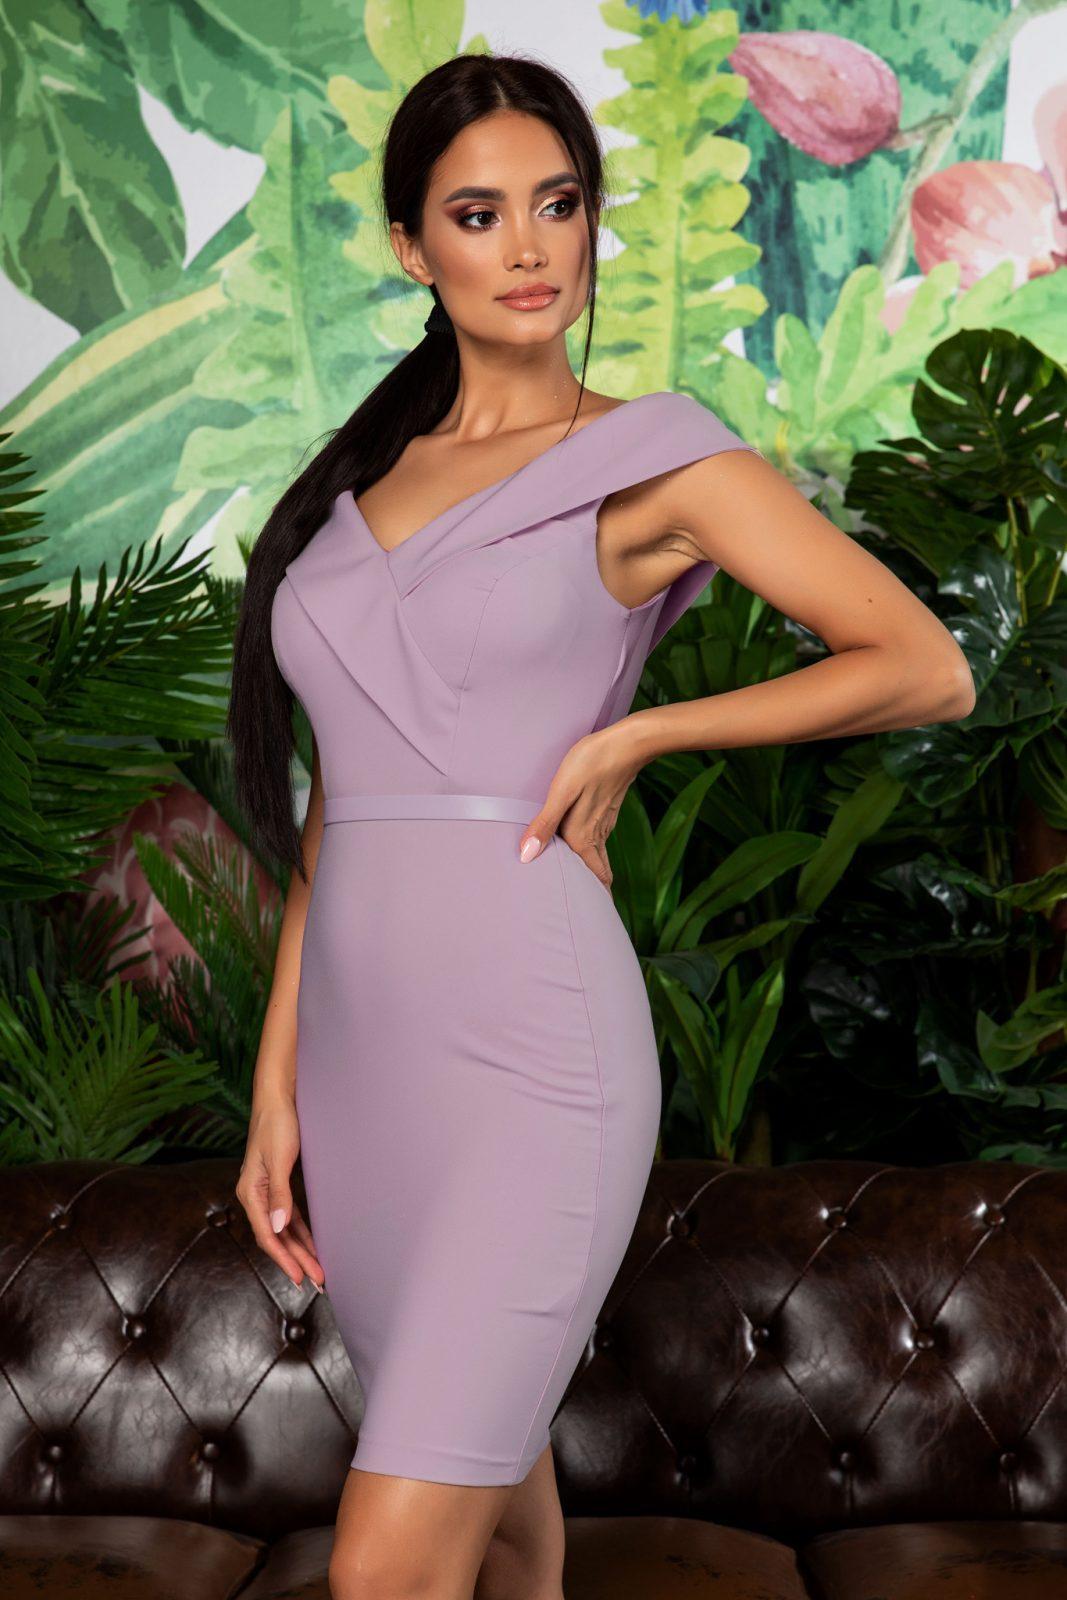 Edwina Purple Dress